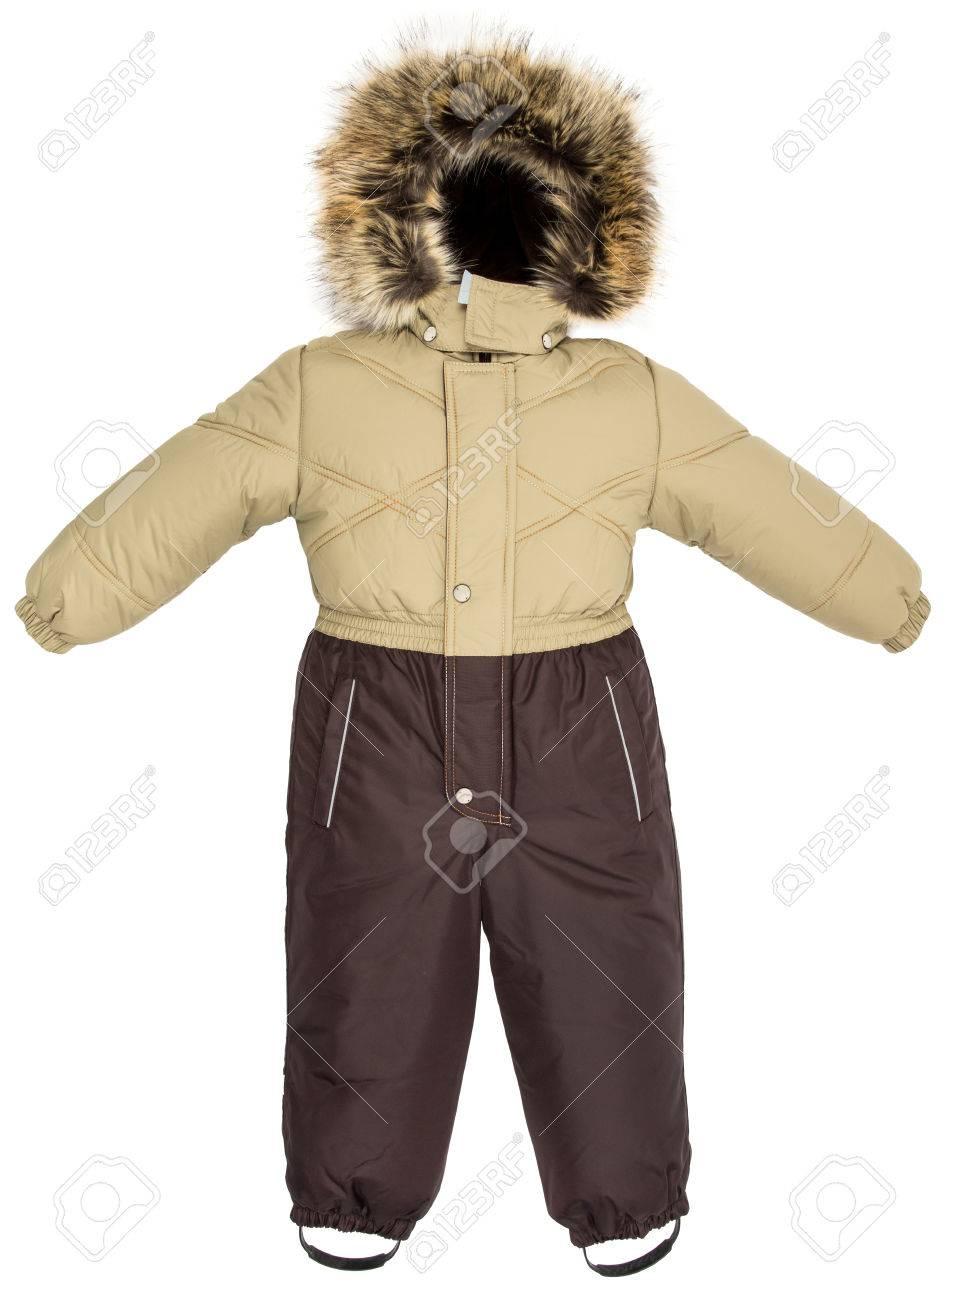 f375c34a0f7ee5 La tuta da jeans per bambini è caduta su uno sfondo bianco Archivio  Fotografico - 64413009